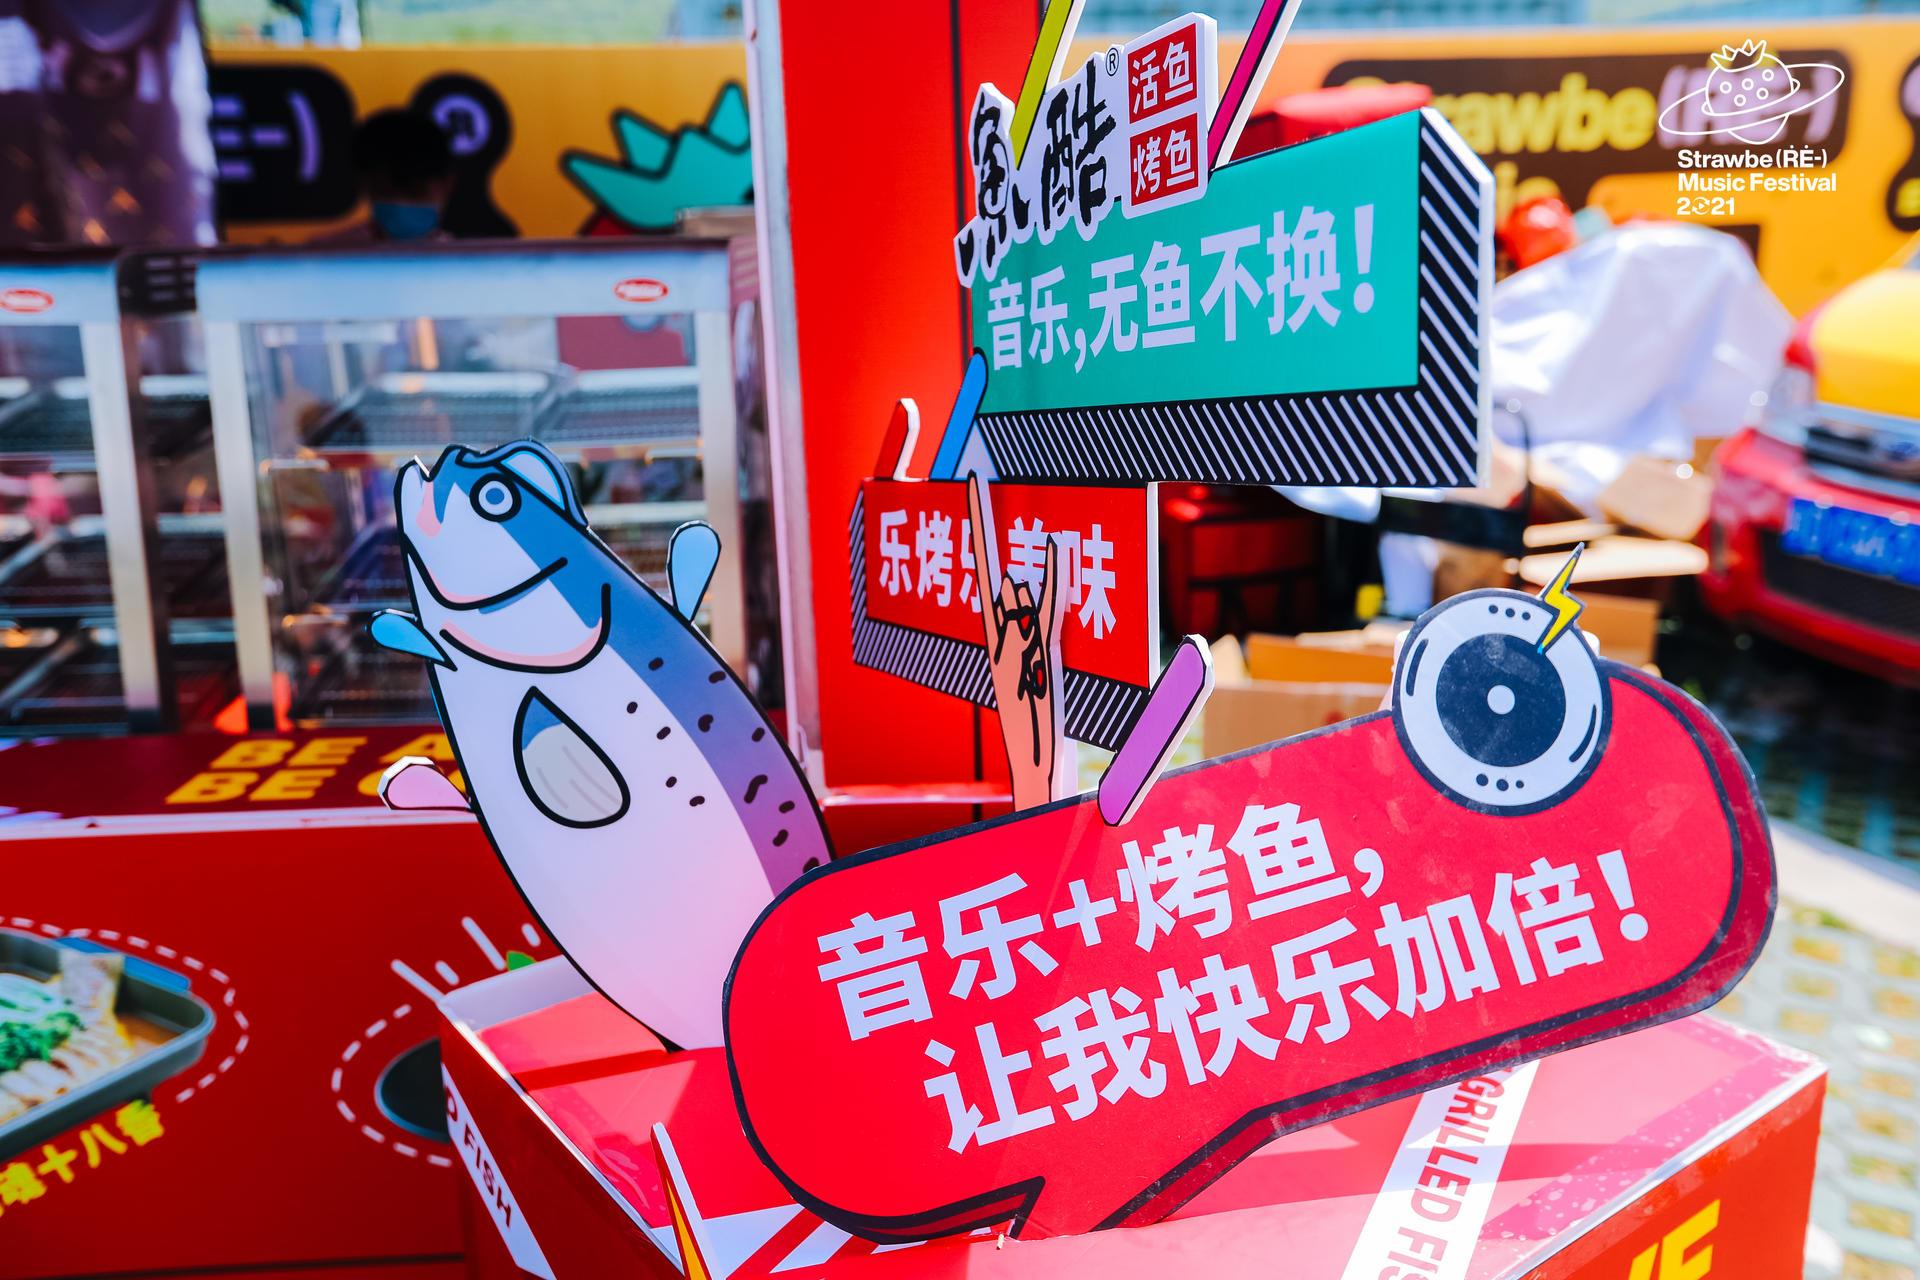 2021南京草莓音乐节活动策划再度回归,顶尖阵容堪称过年